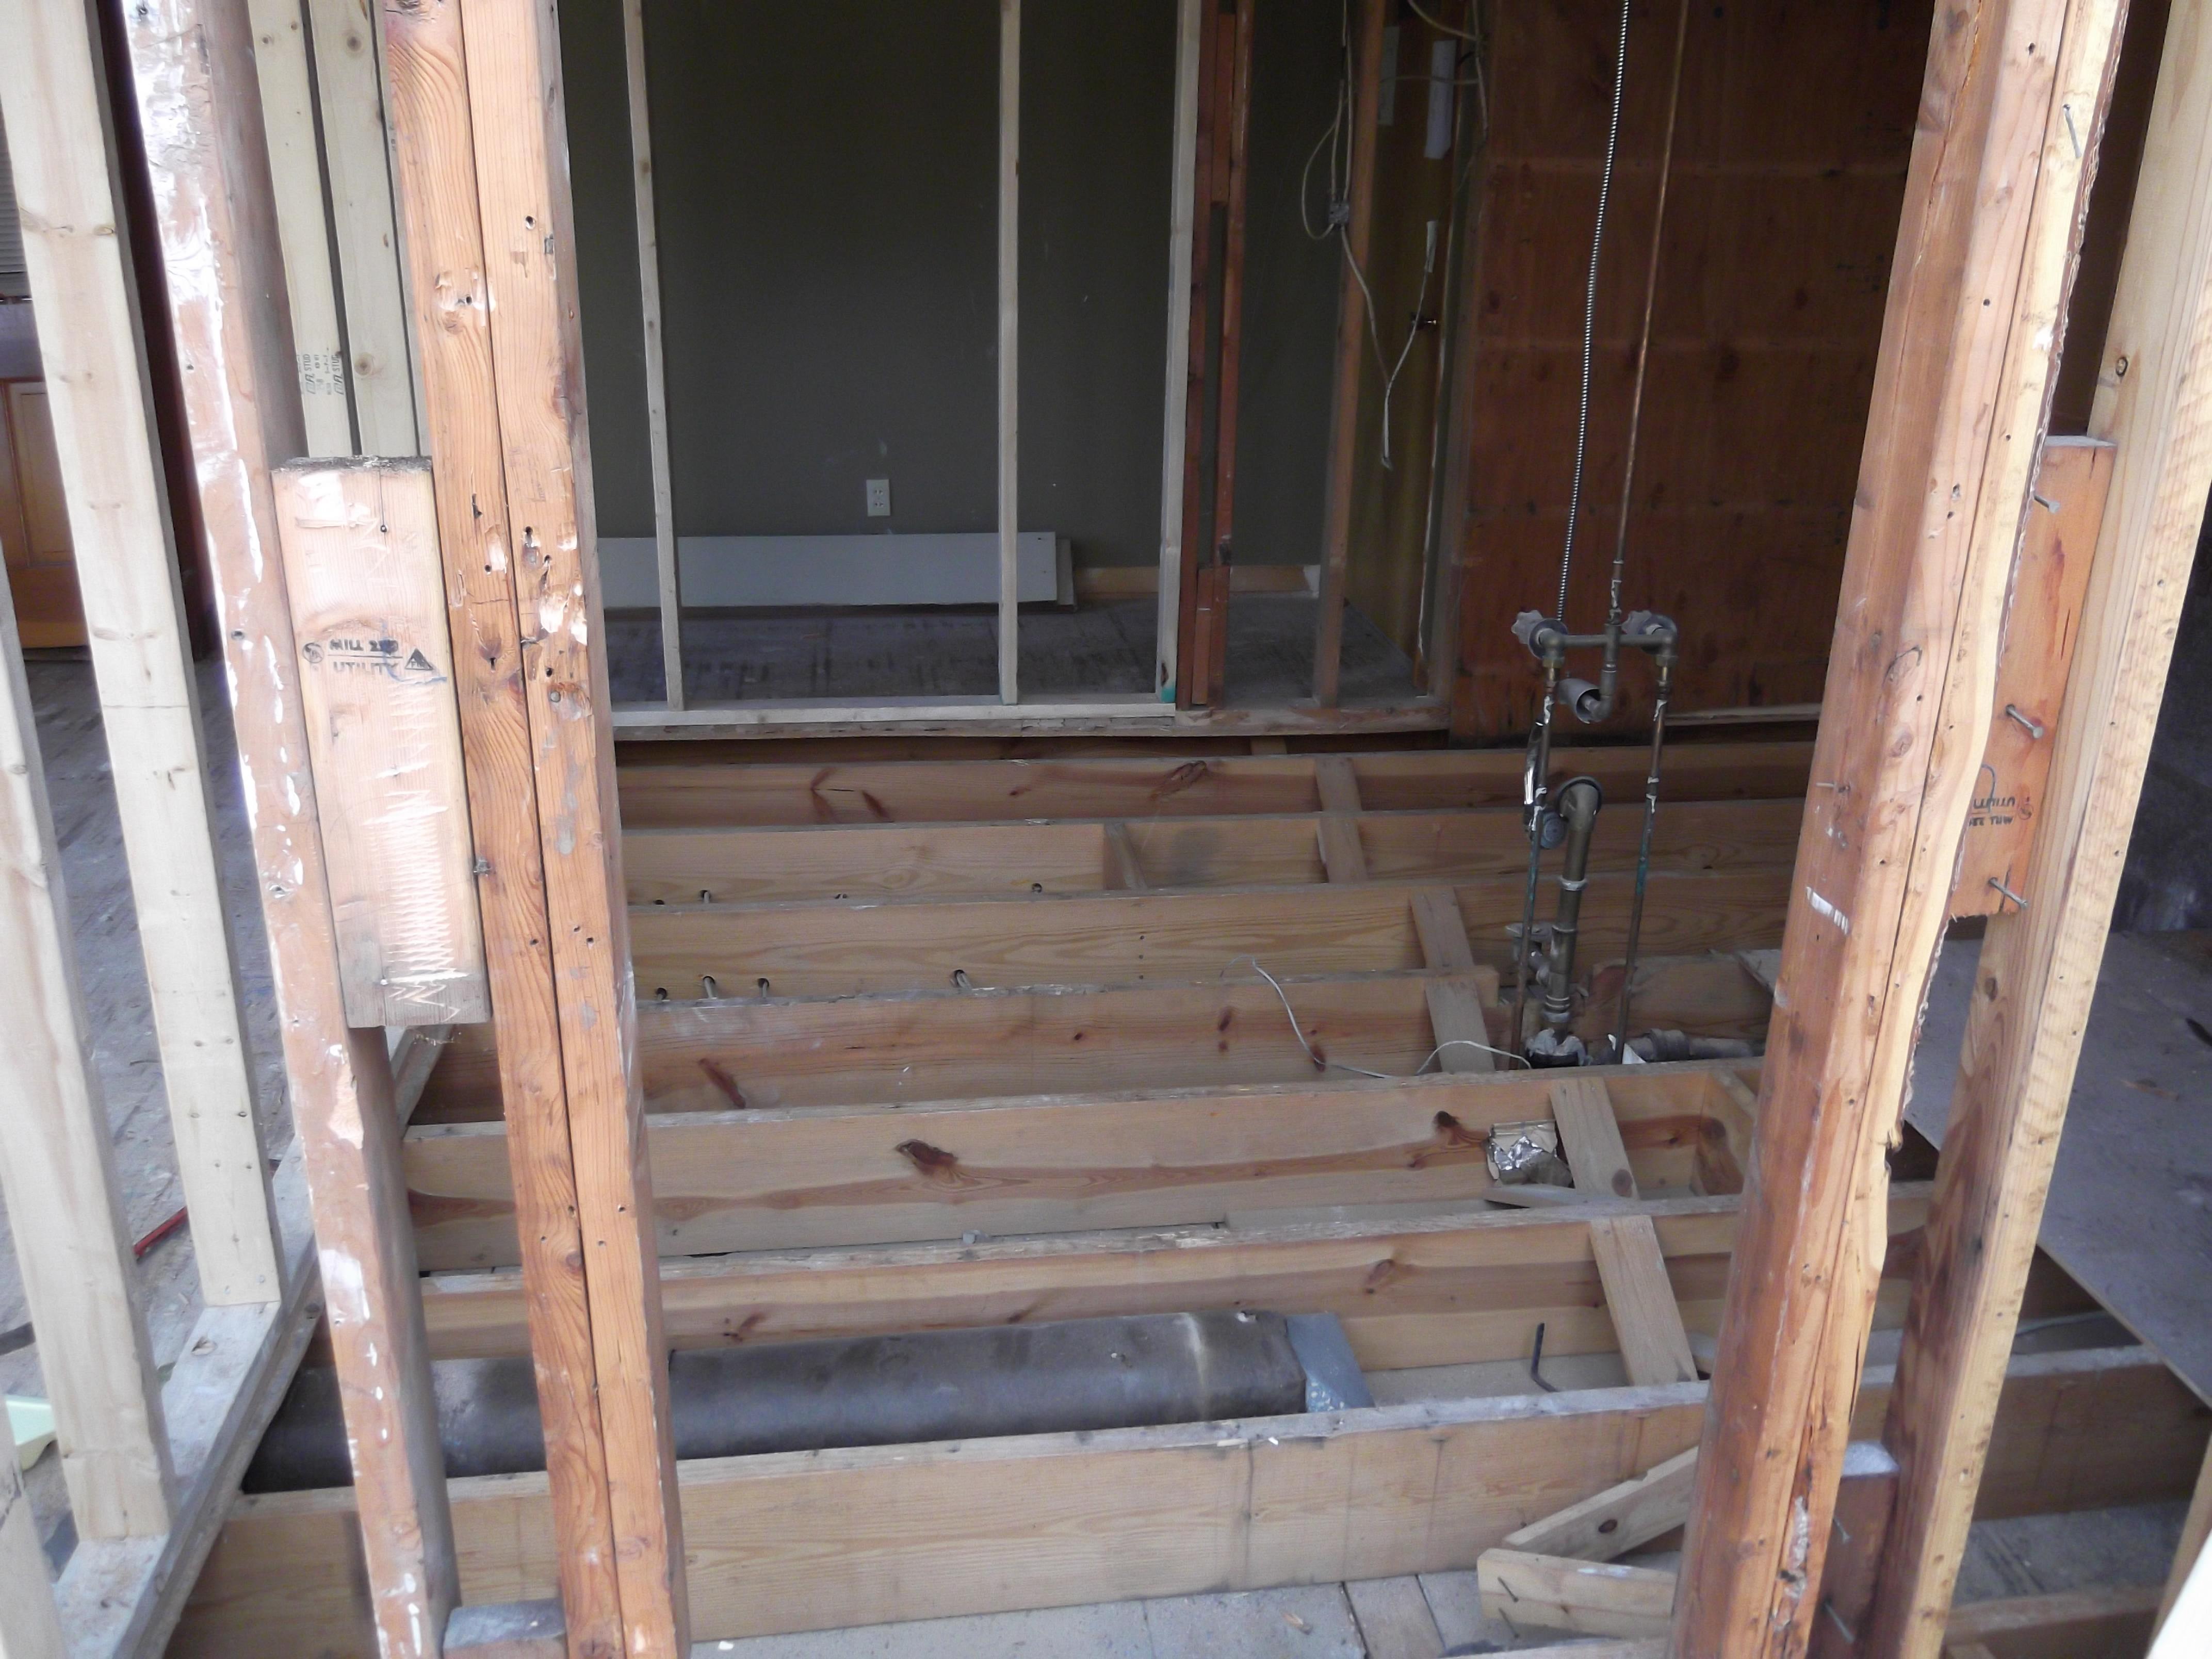 12-15-2011 108.jpg